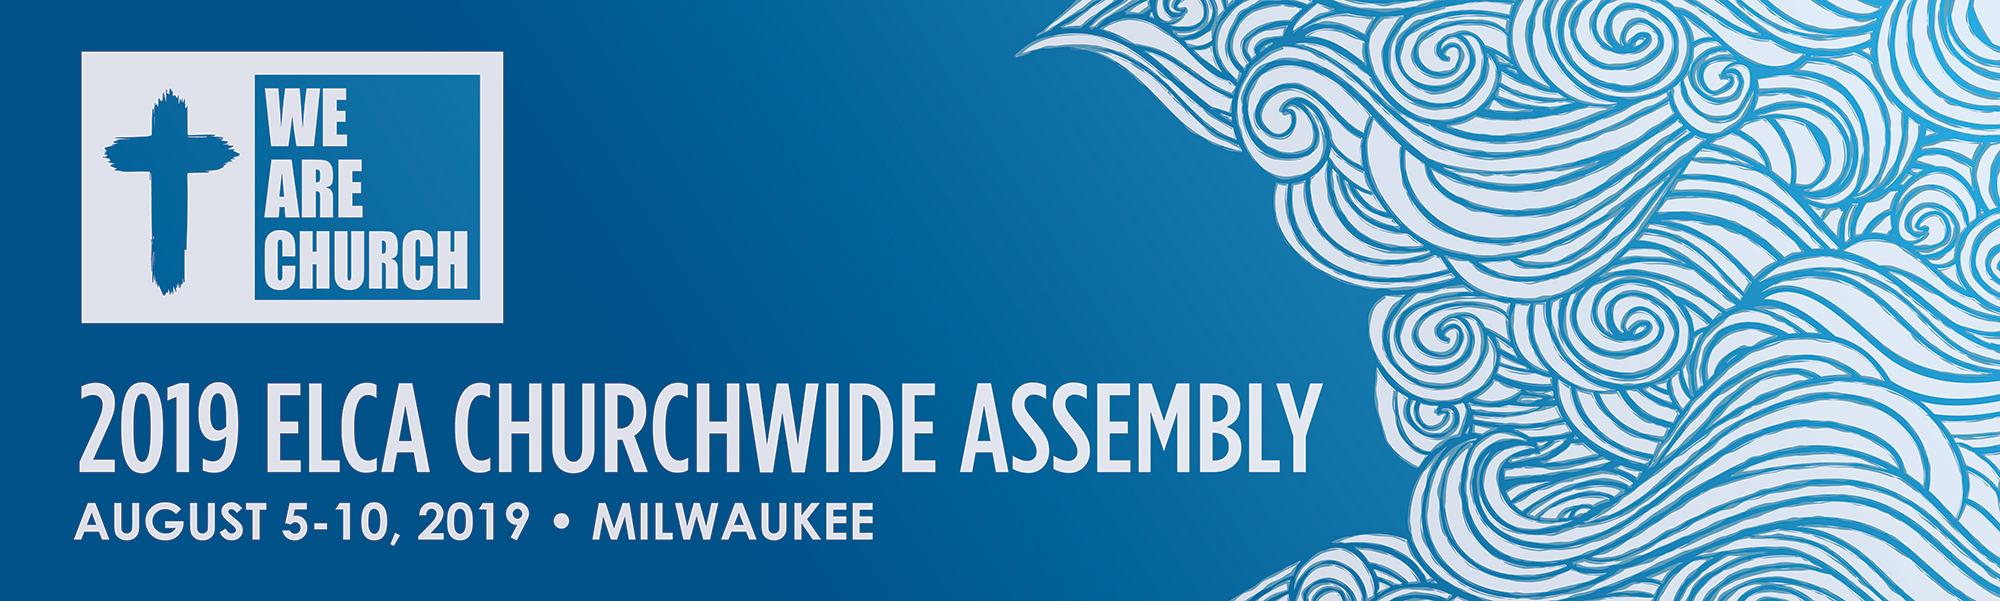 cwa19_homepage_banner3 (1).jpg